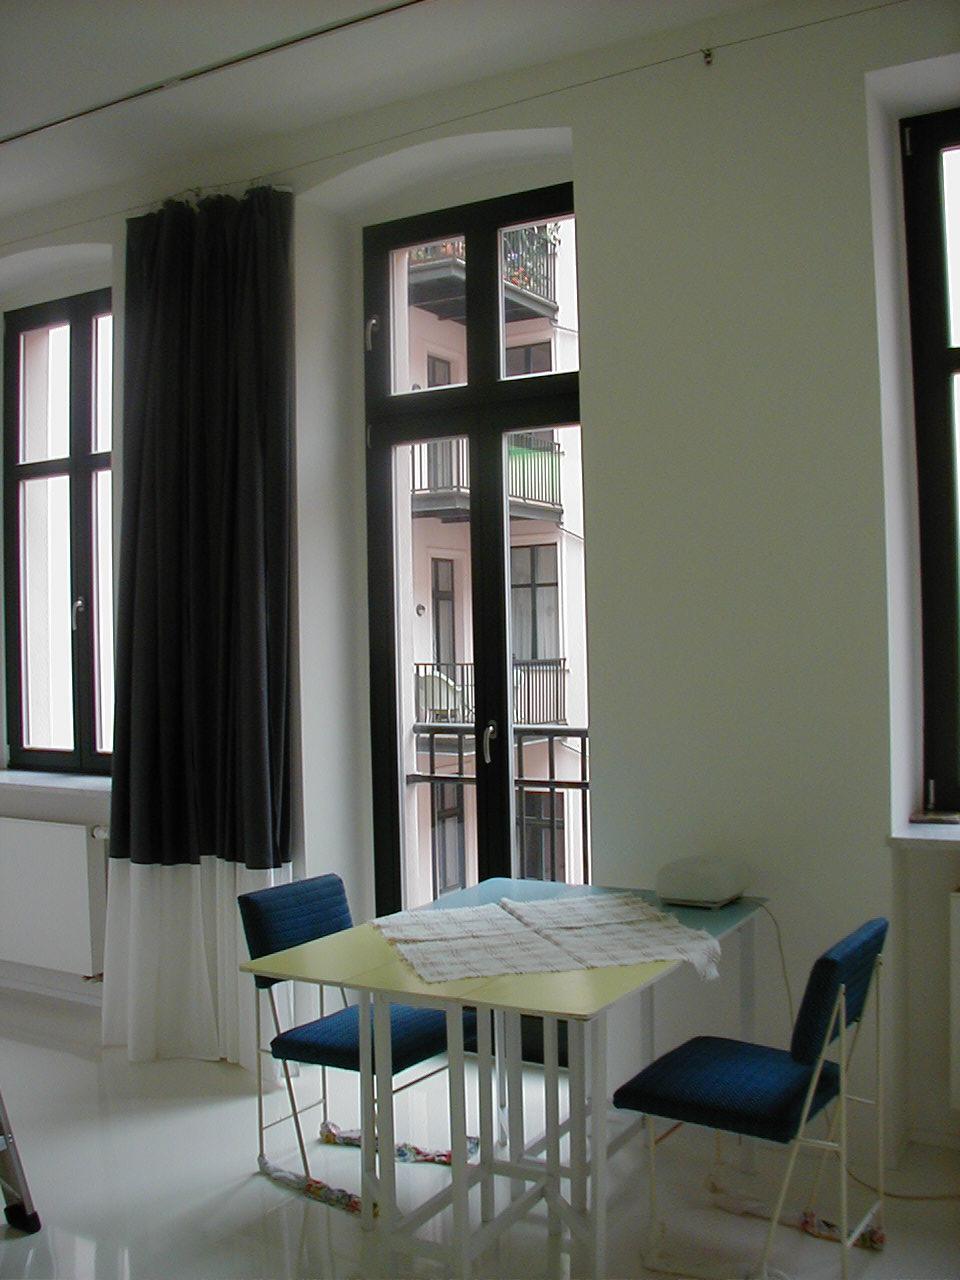 Affitto appartamento citta berlino